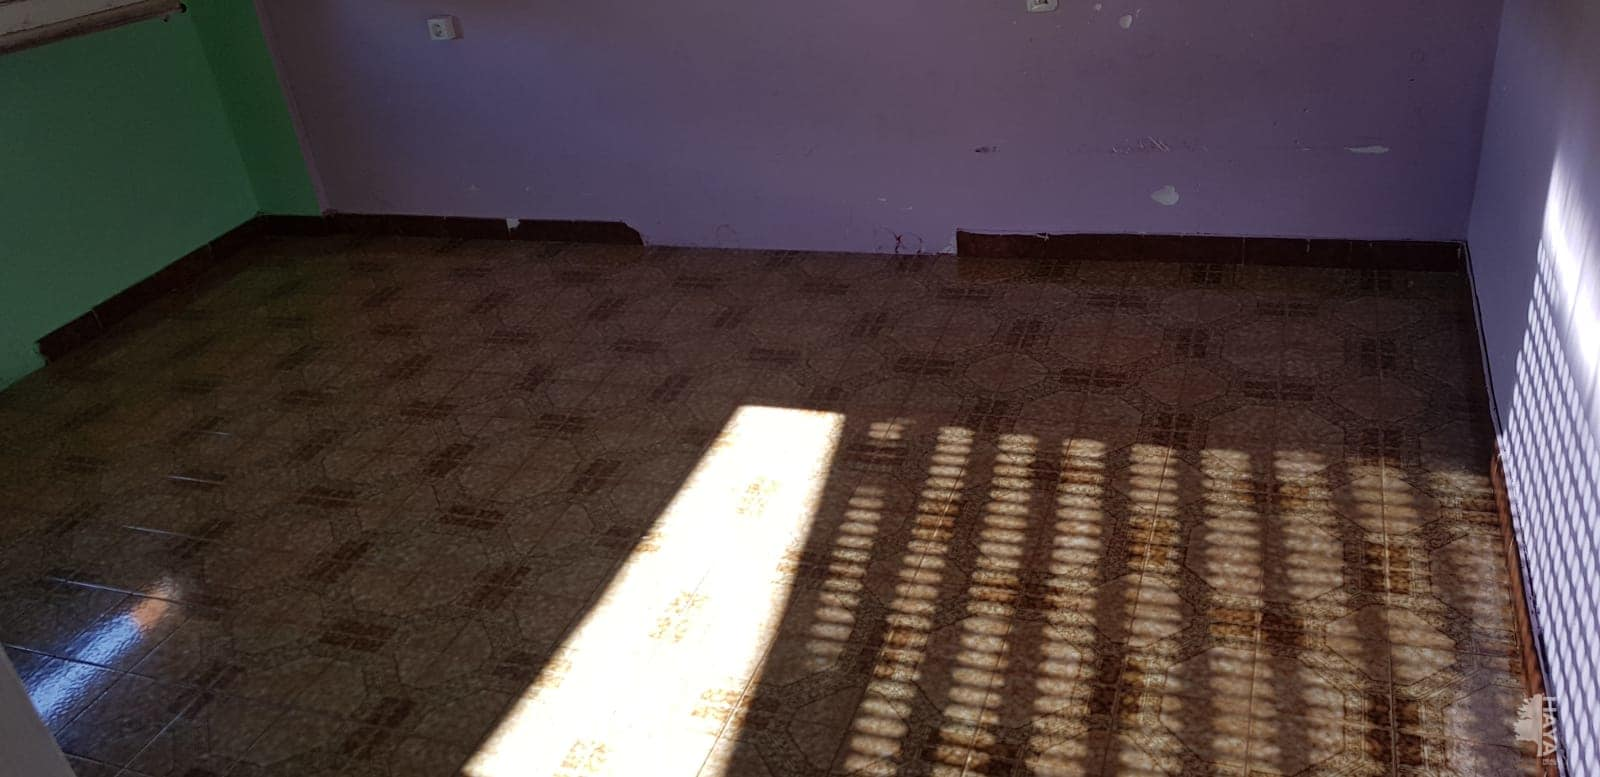 Piso en venta en Piso en Figueres, Girona, 74.568 €, 3 habitaciones, 1 baño, 91 m2